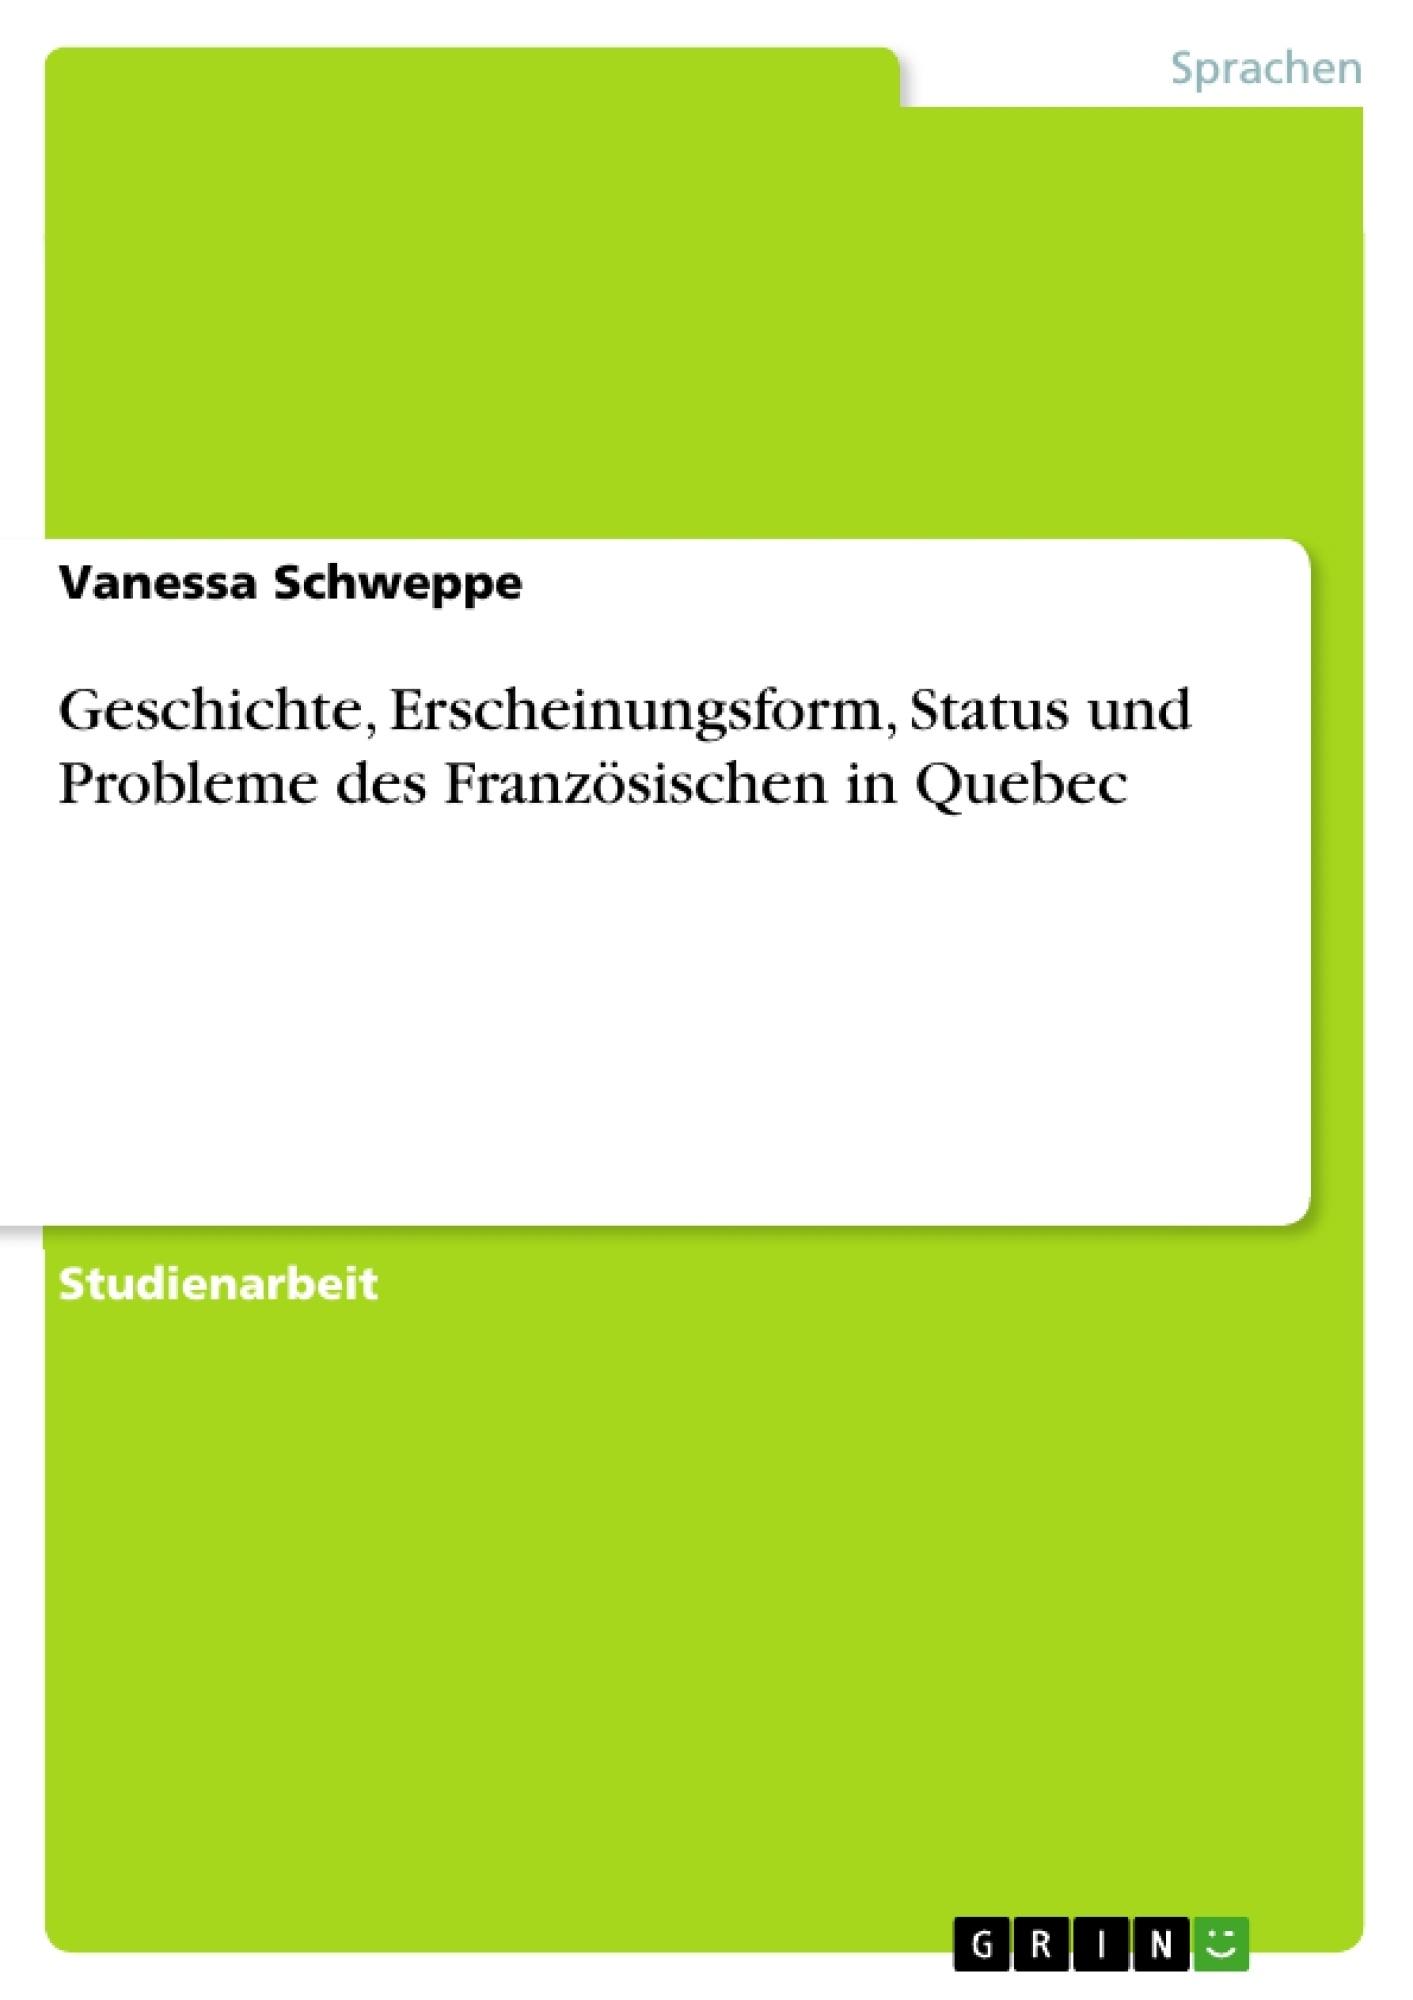 Titel: Geschichte, Erscheinungsform, Status und Probleme des Französischen in Quebec